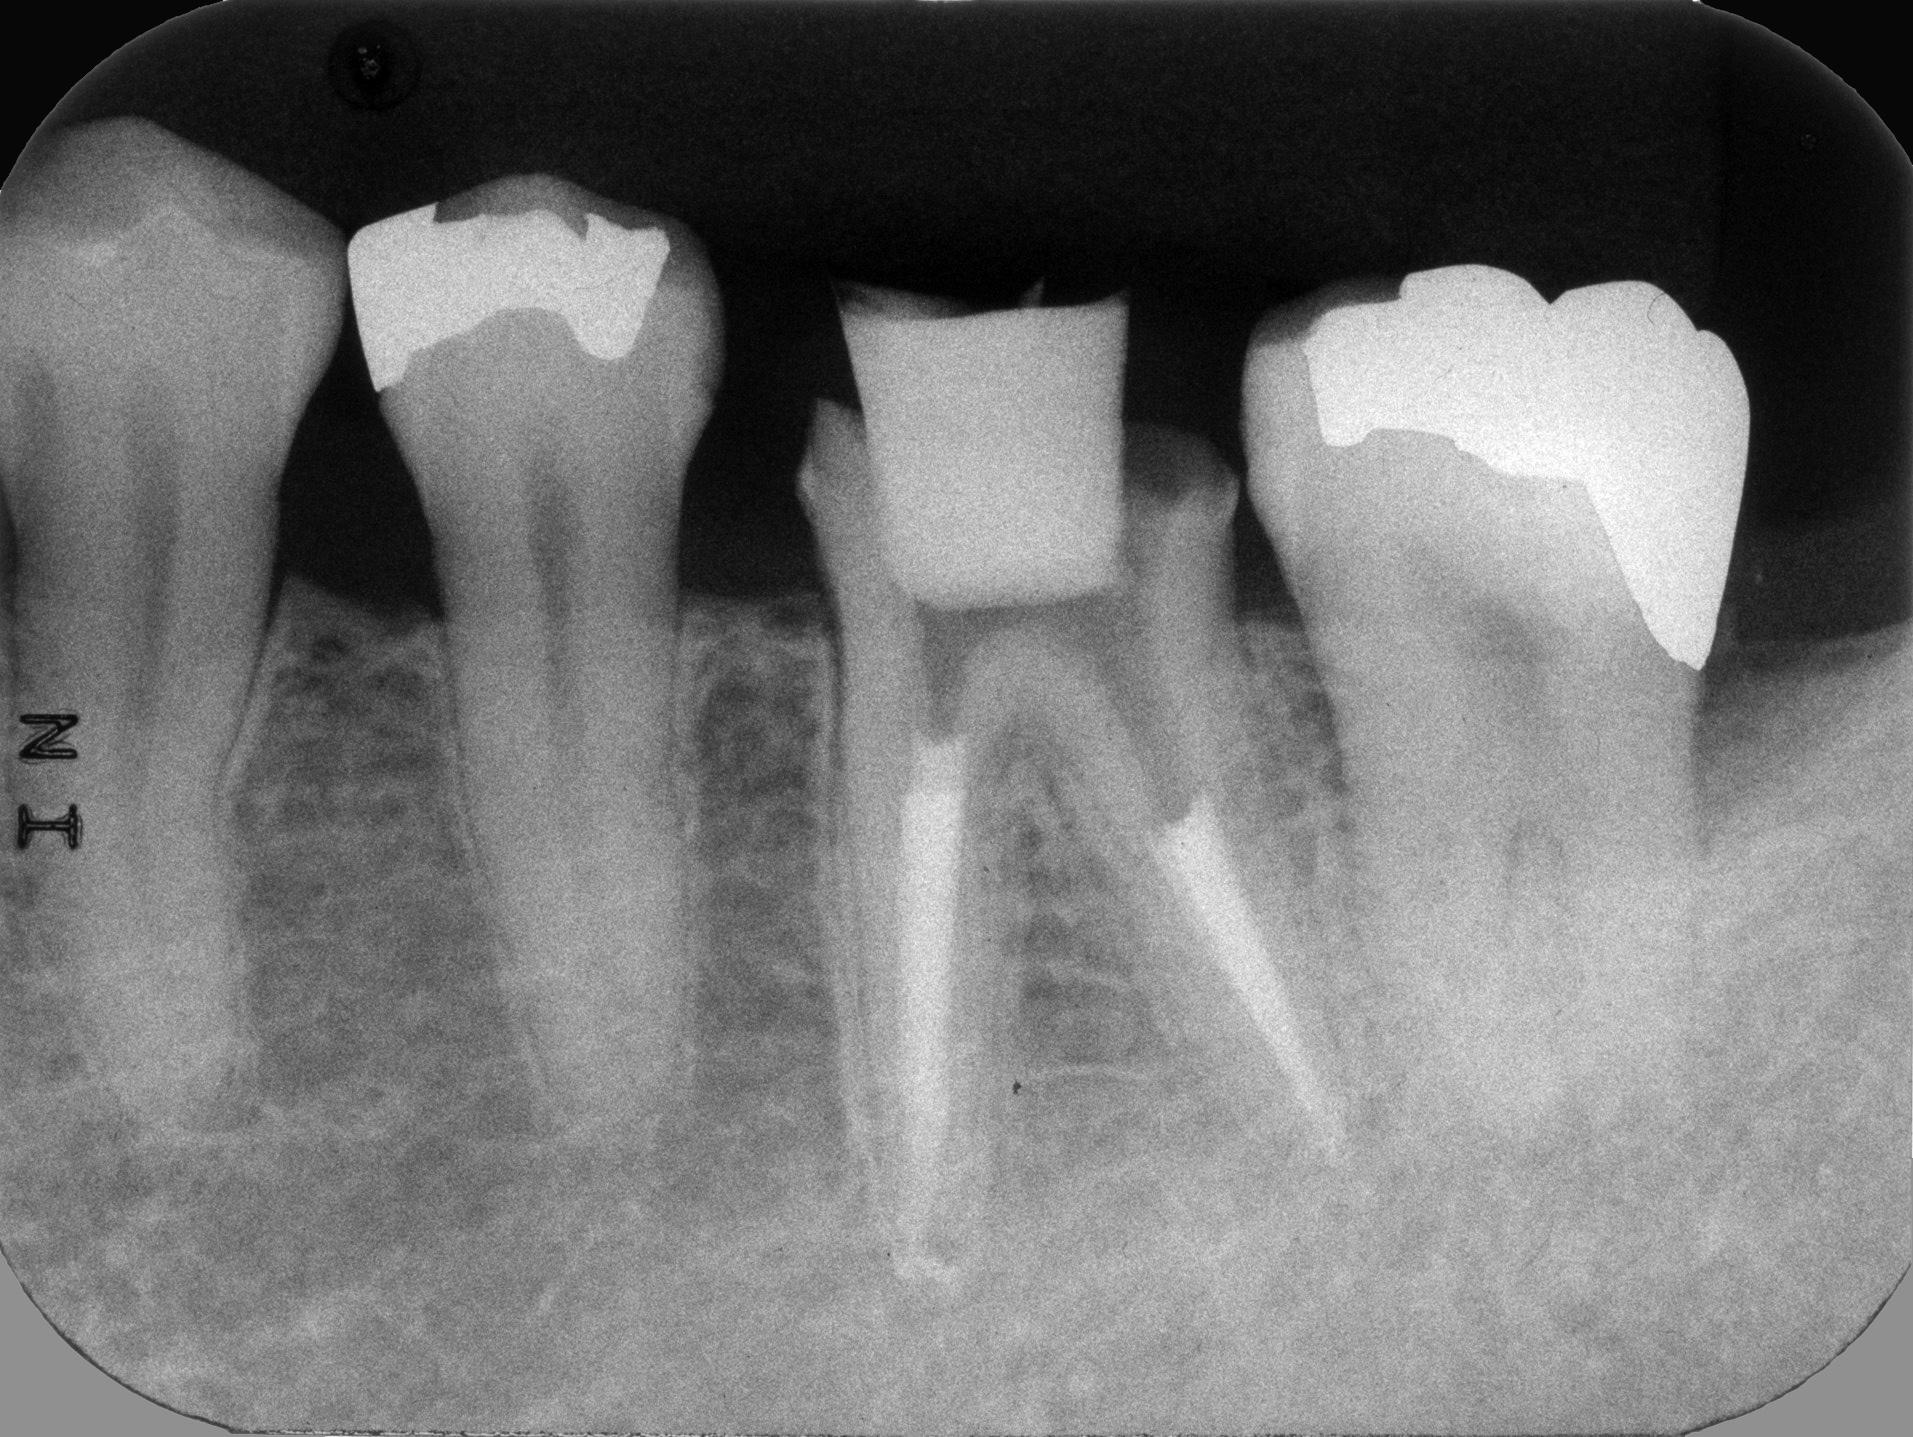 群馬,前橋,高崎,根管治療,歯根治療,マイクロスコープ,ラバーダム